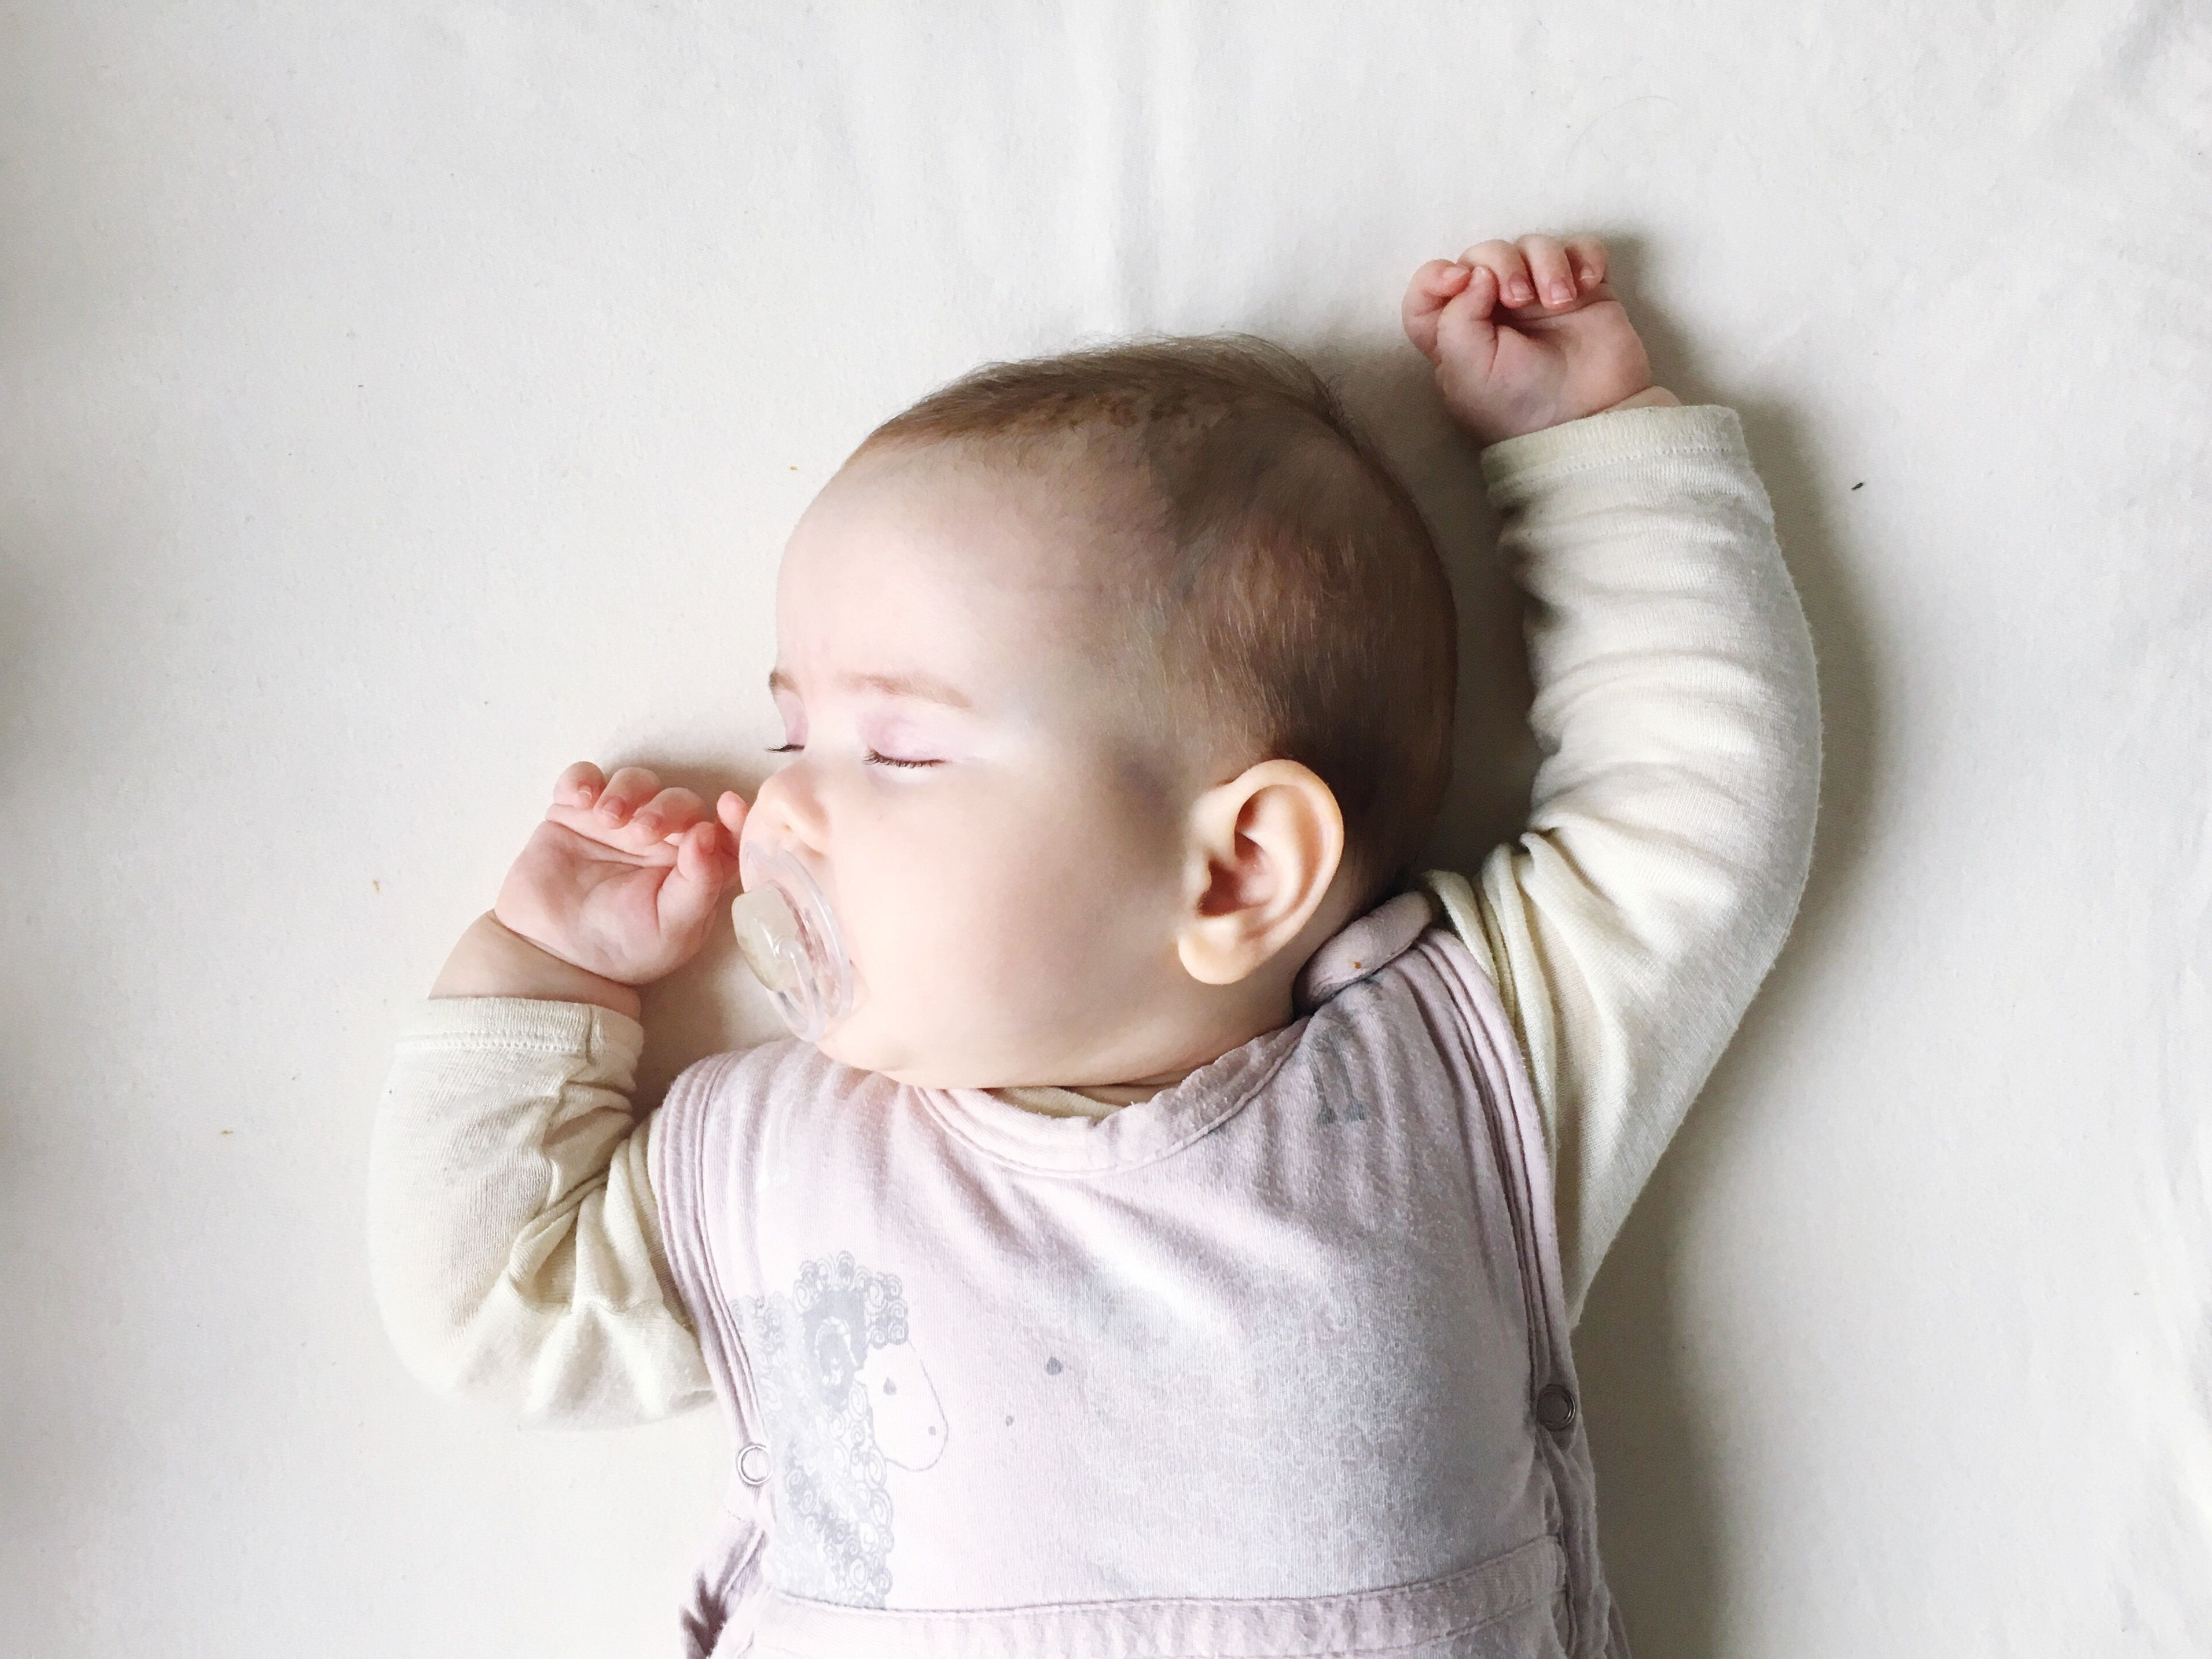 Das solltet ihr eurem Baby anziehen, damit es trotz Sommerhitze nachts gut